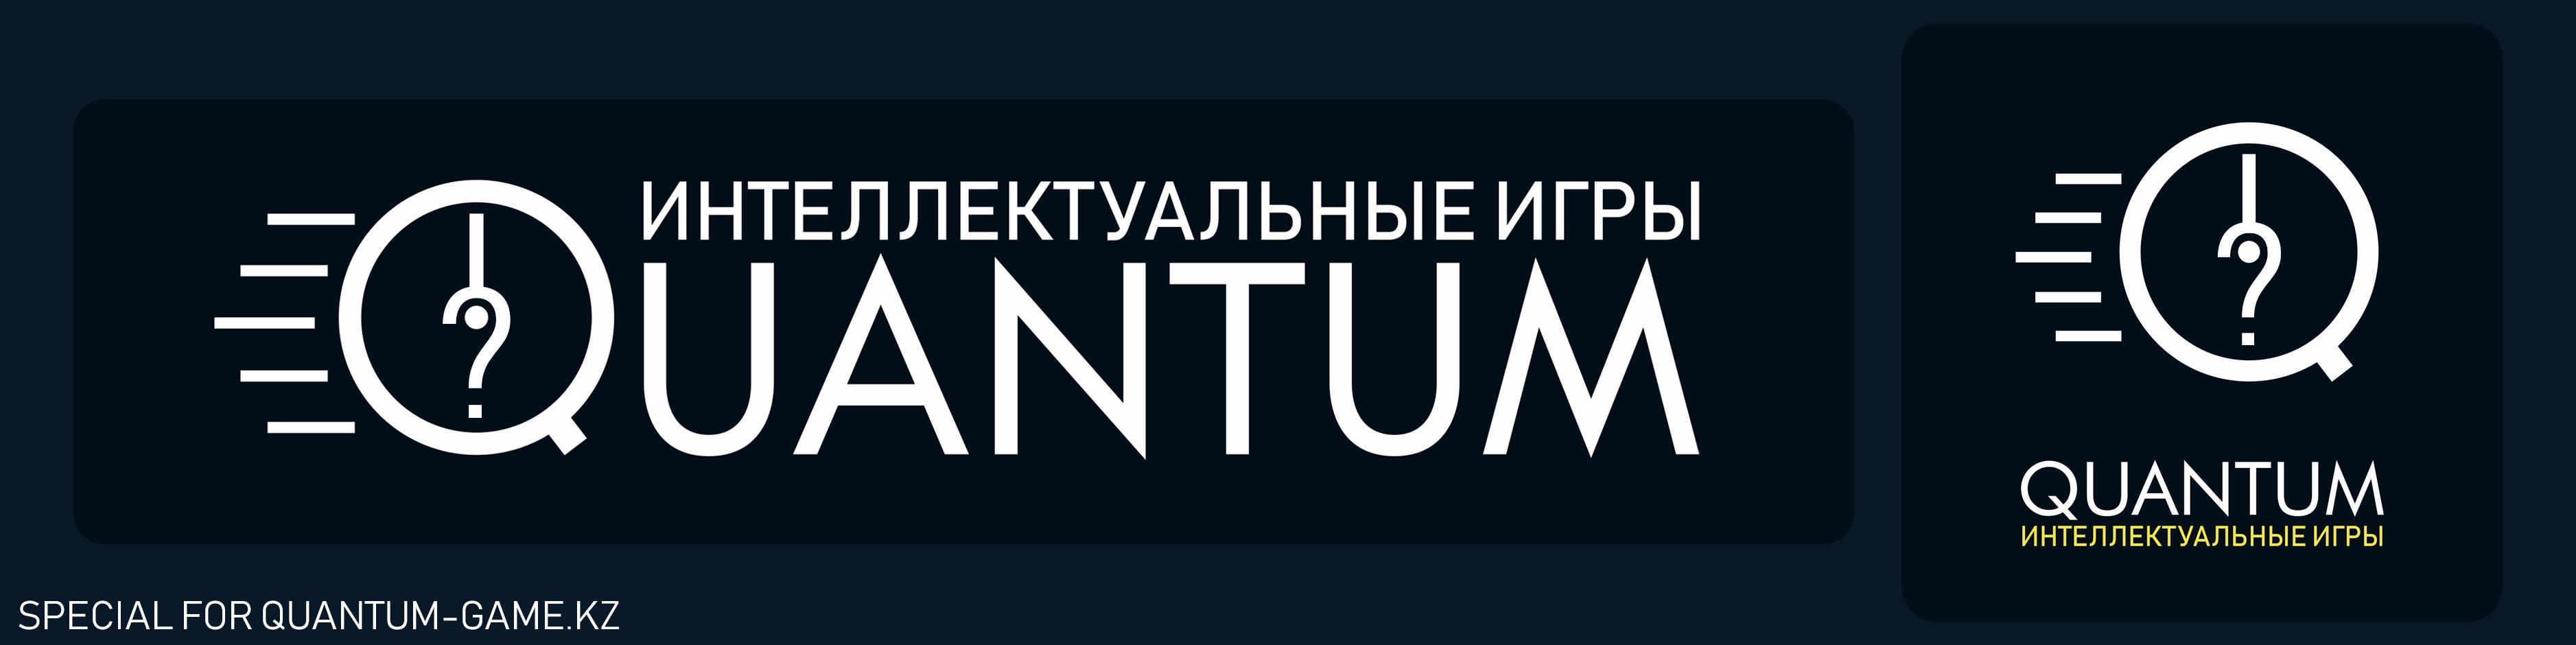 Редизайн логотипа бренда интеллектуальной игры фото f_1105bc28ff8a1a30.png